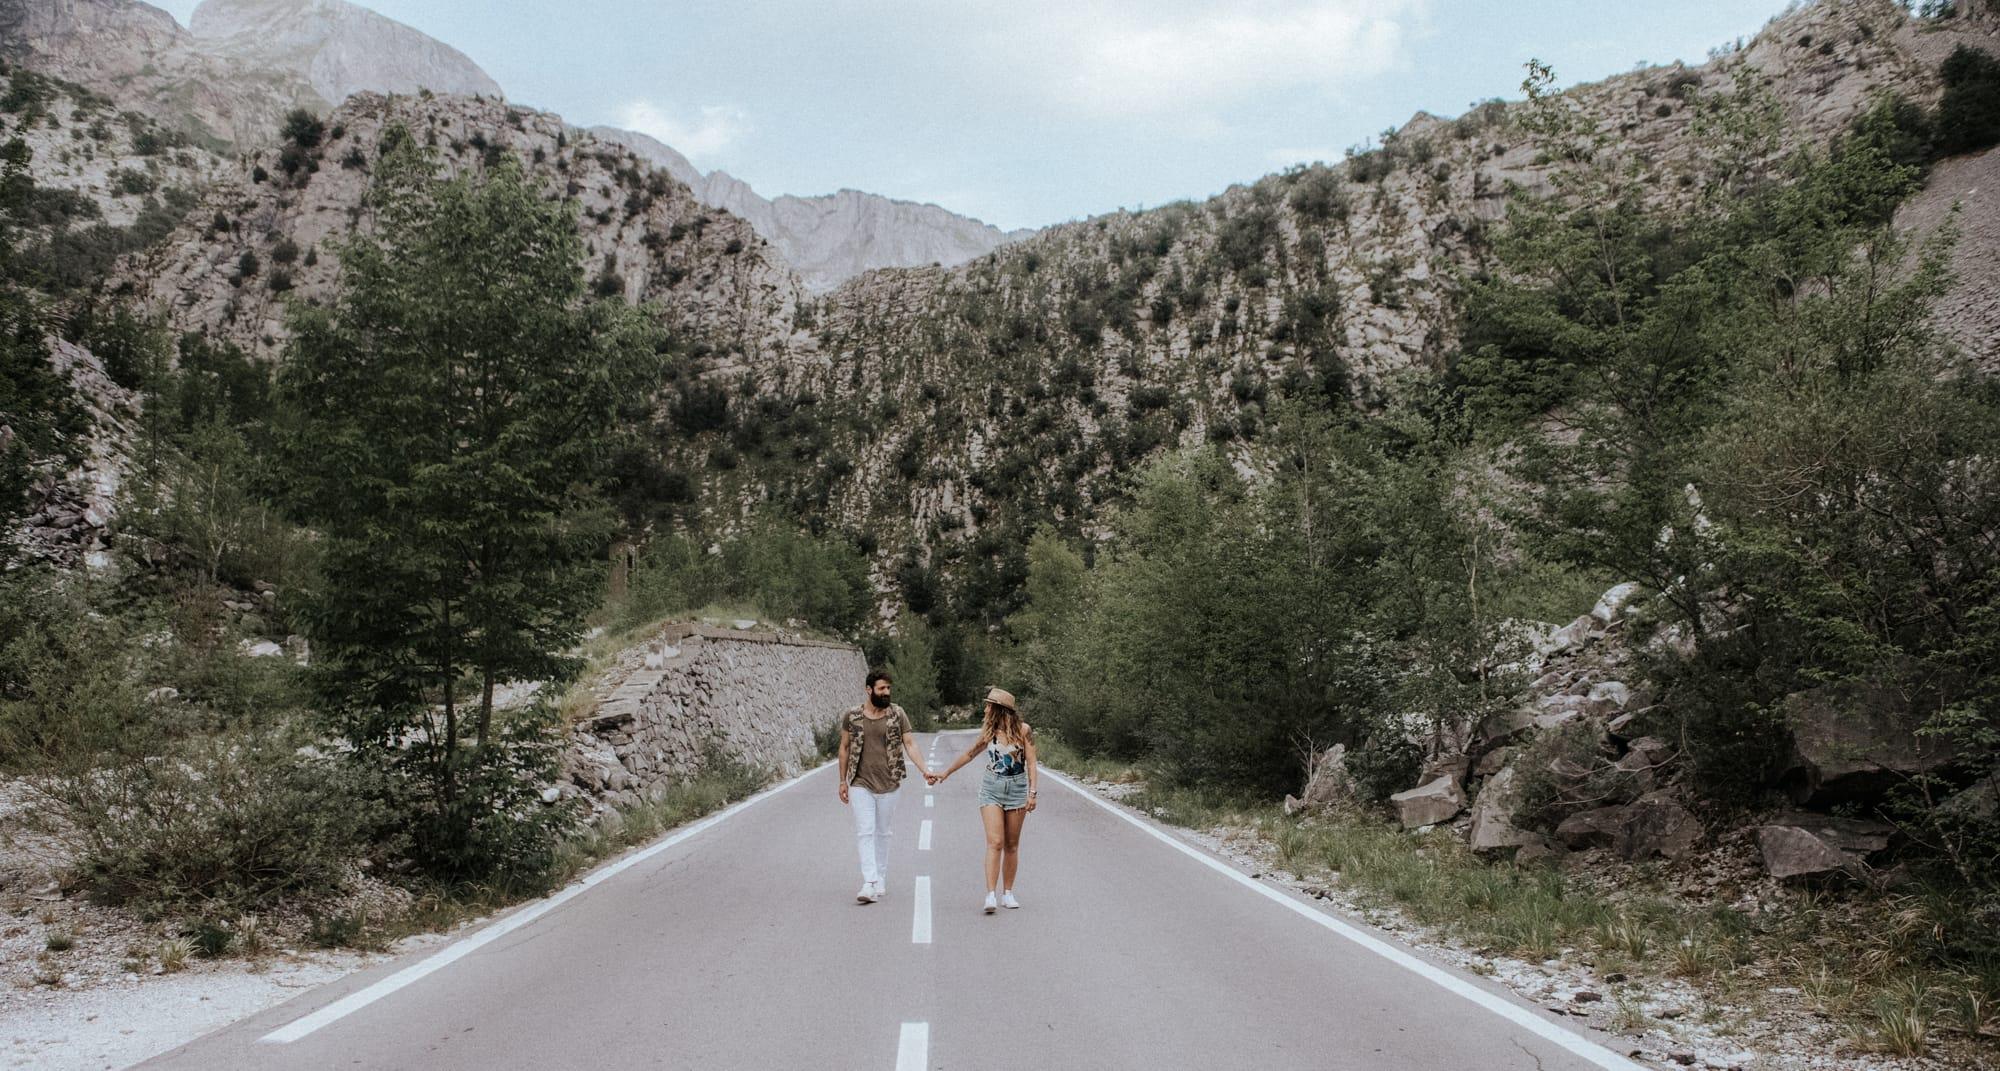 fotografa fidanzamento lucca pisa montecatini versilia forte dei marmi pietrasanta viareggio massa